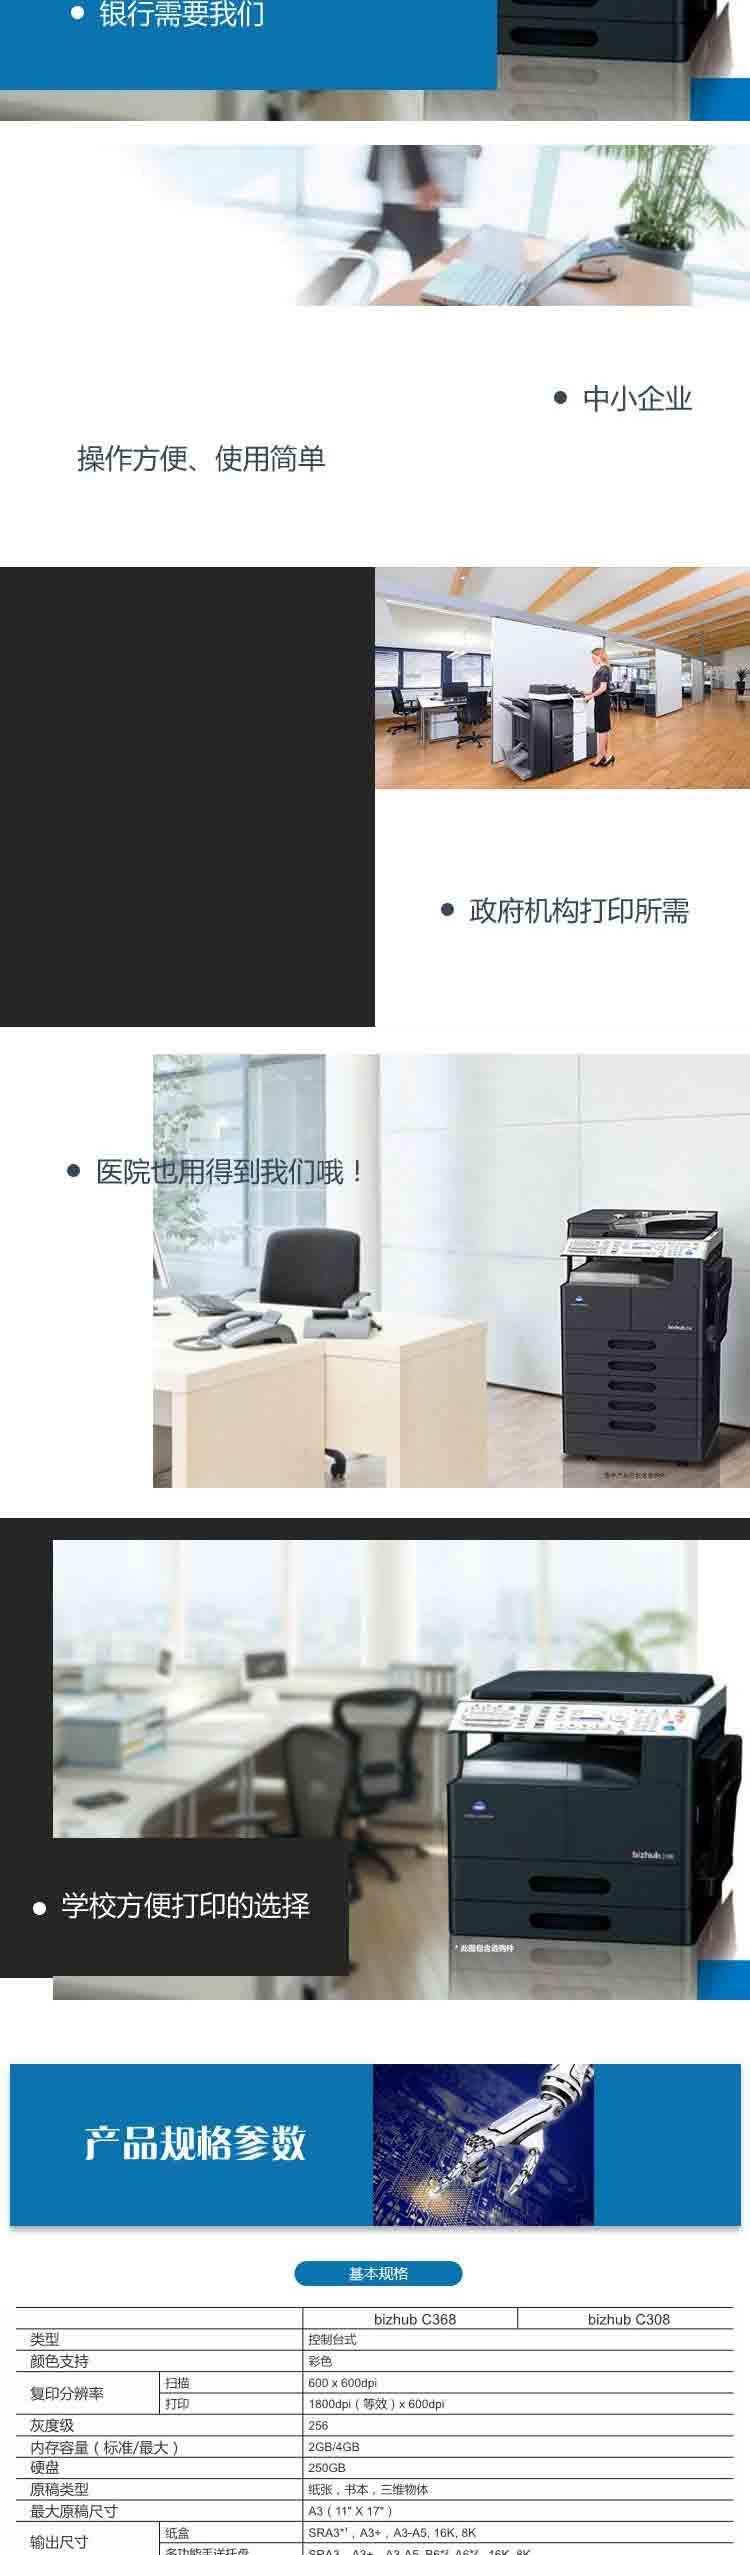 柯尼卡美能达 bizhub C308 A3 彩色数码复合机 全新机